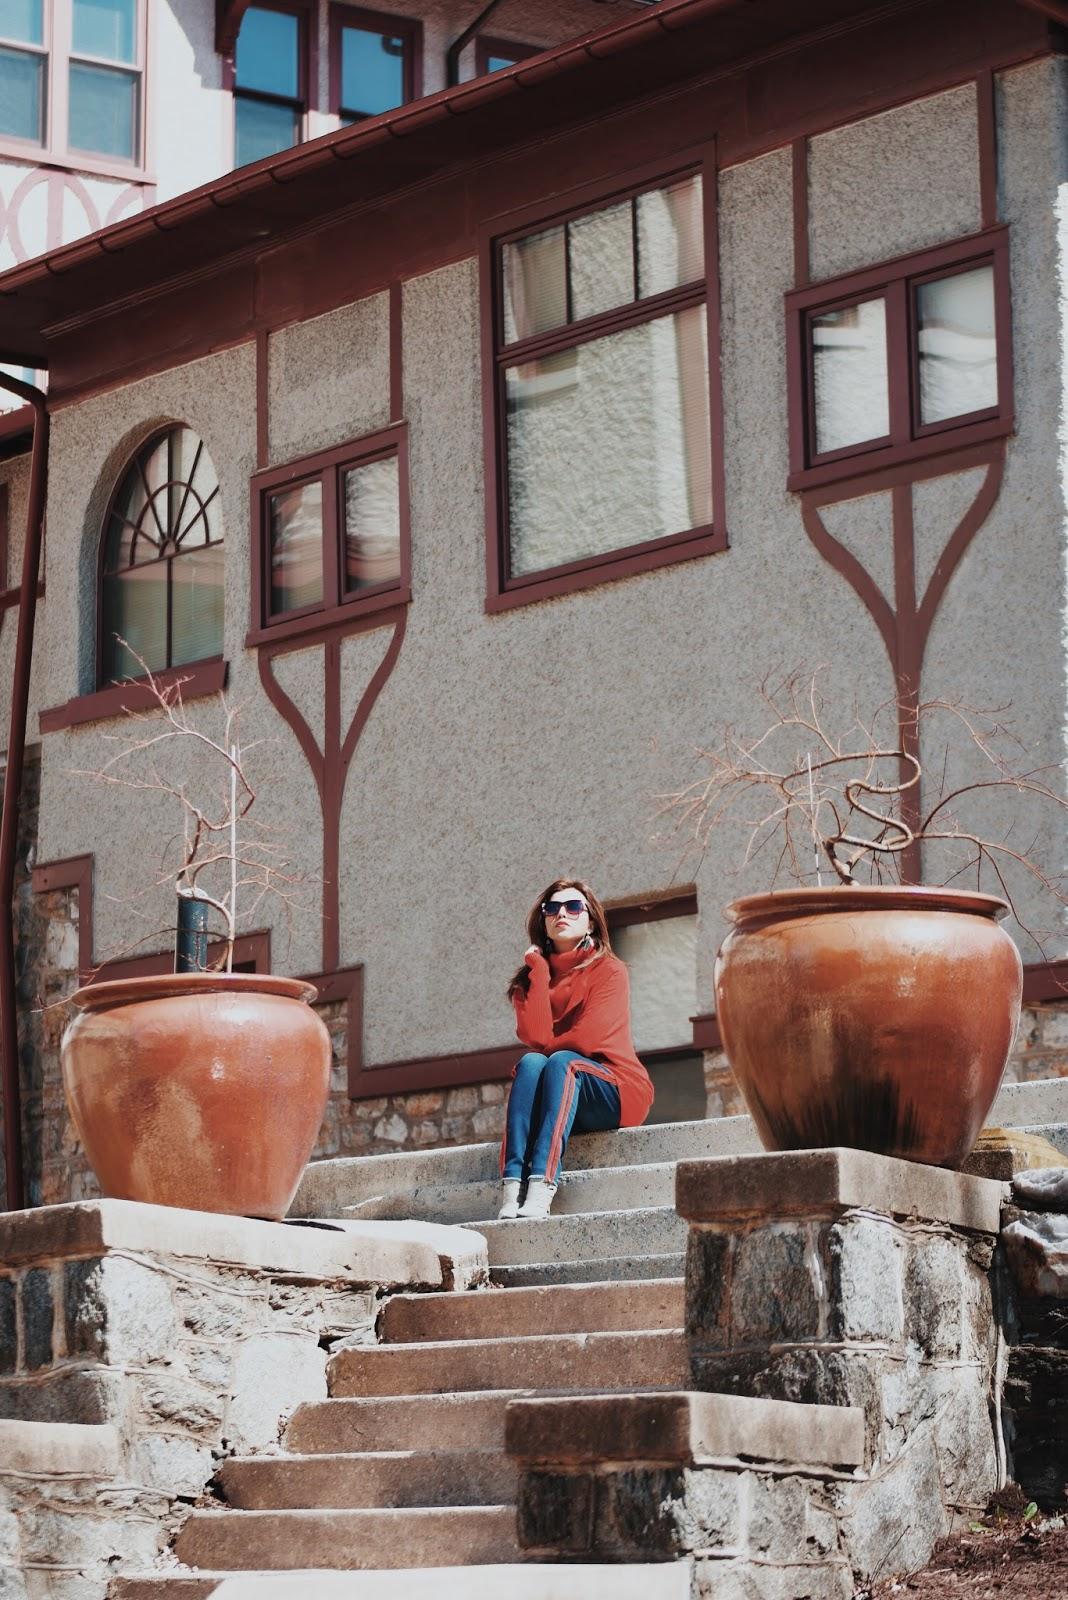 Lugares Que Transmiten Paz by Mari Estilo